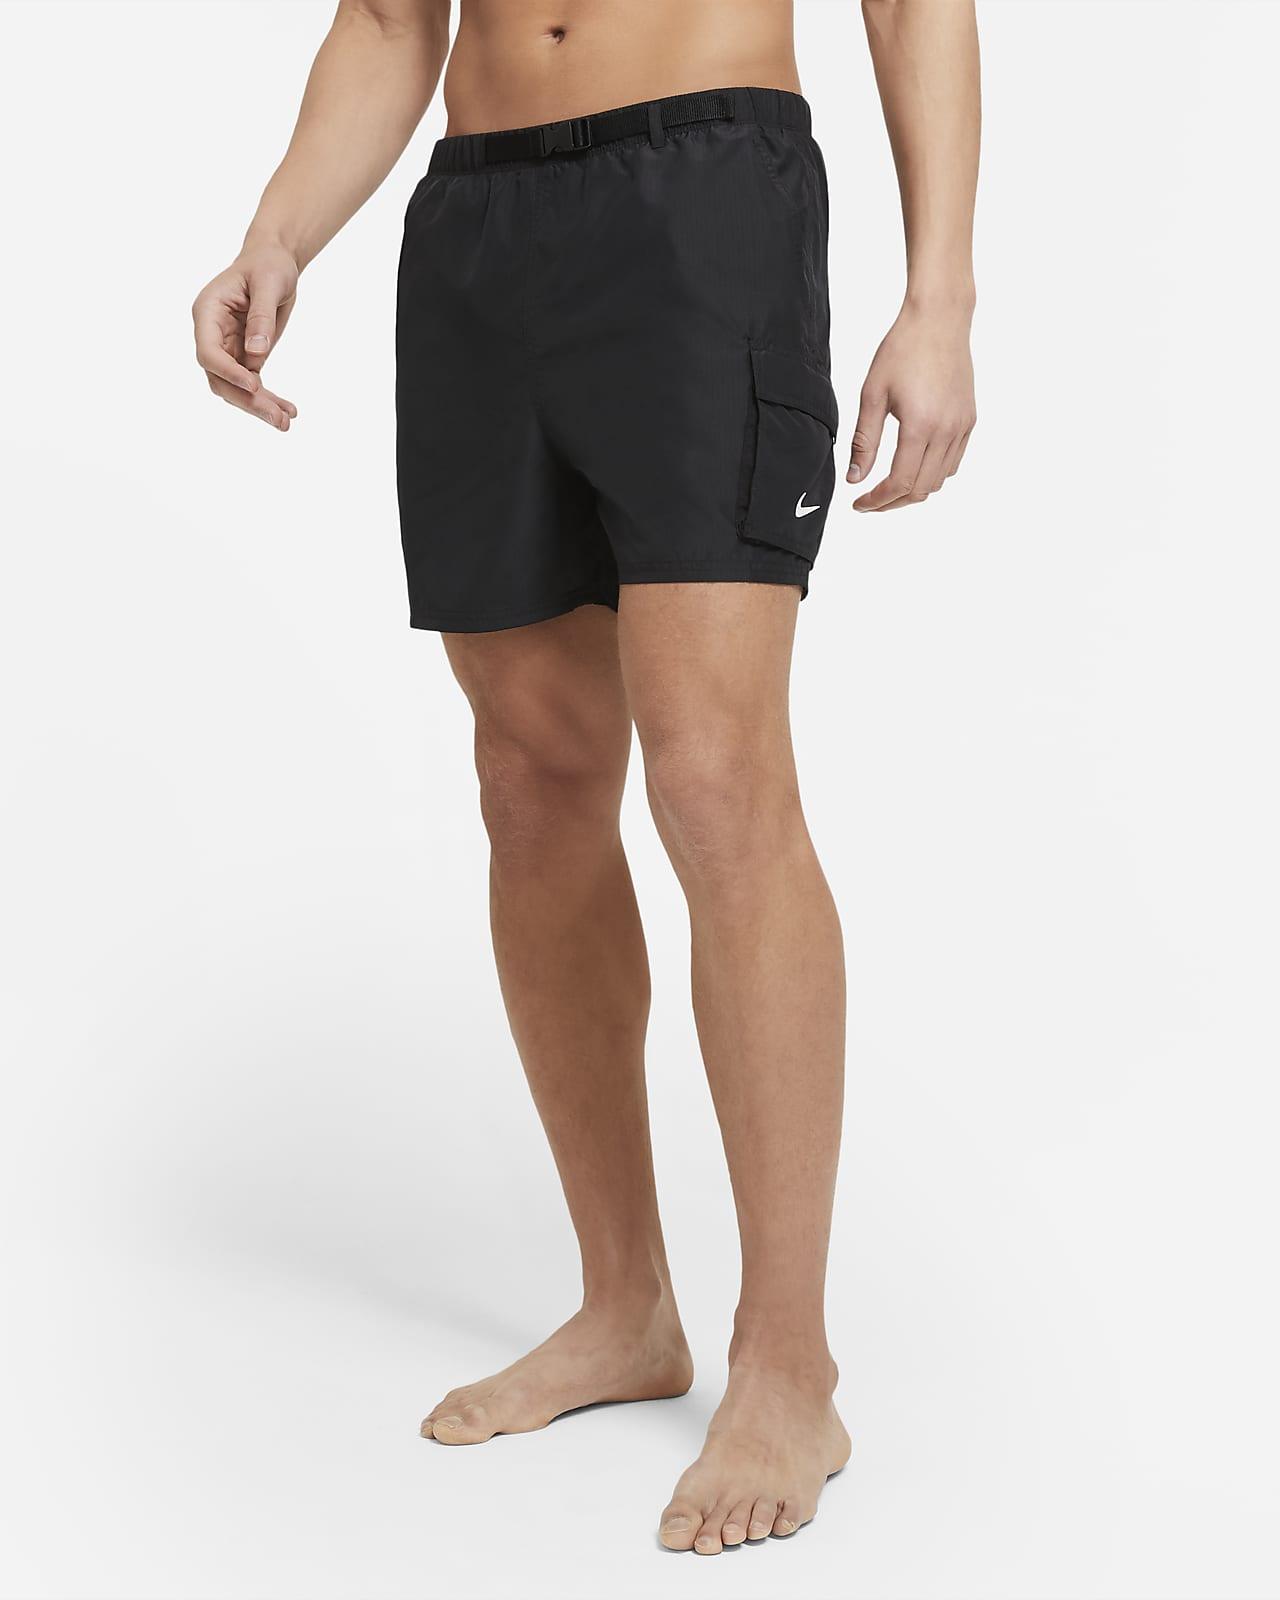 Sbalitelné pánské plavky s páskem, 13cm